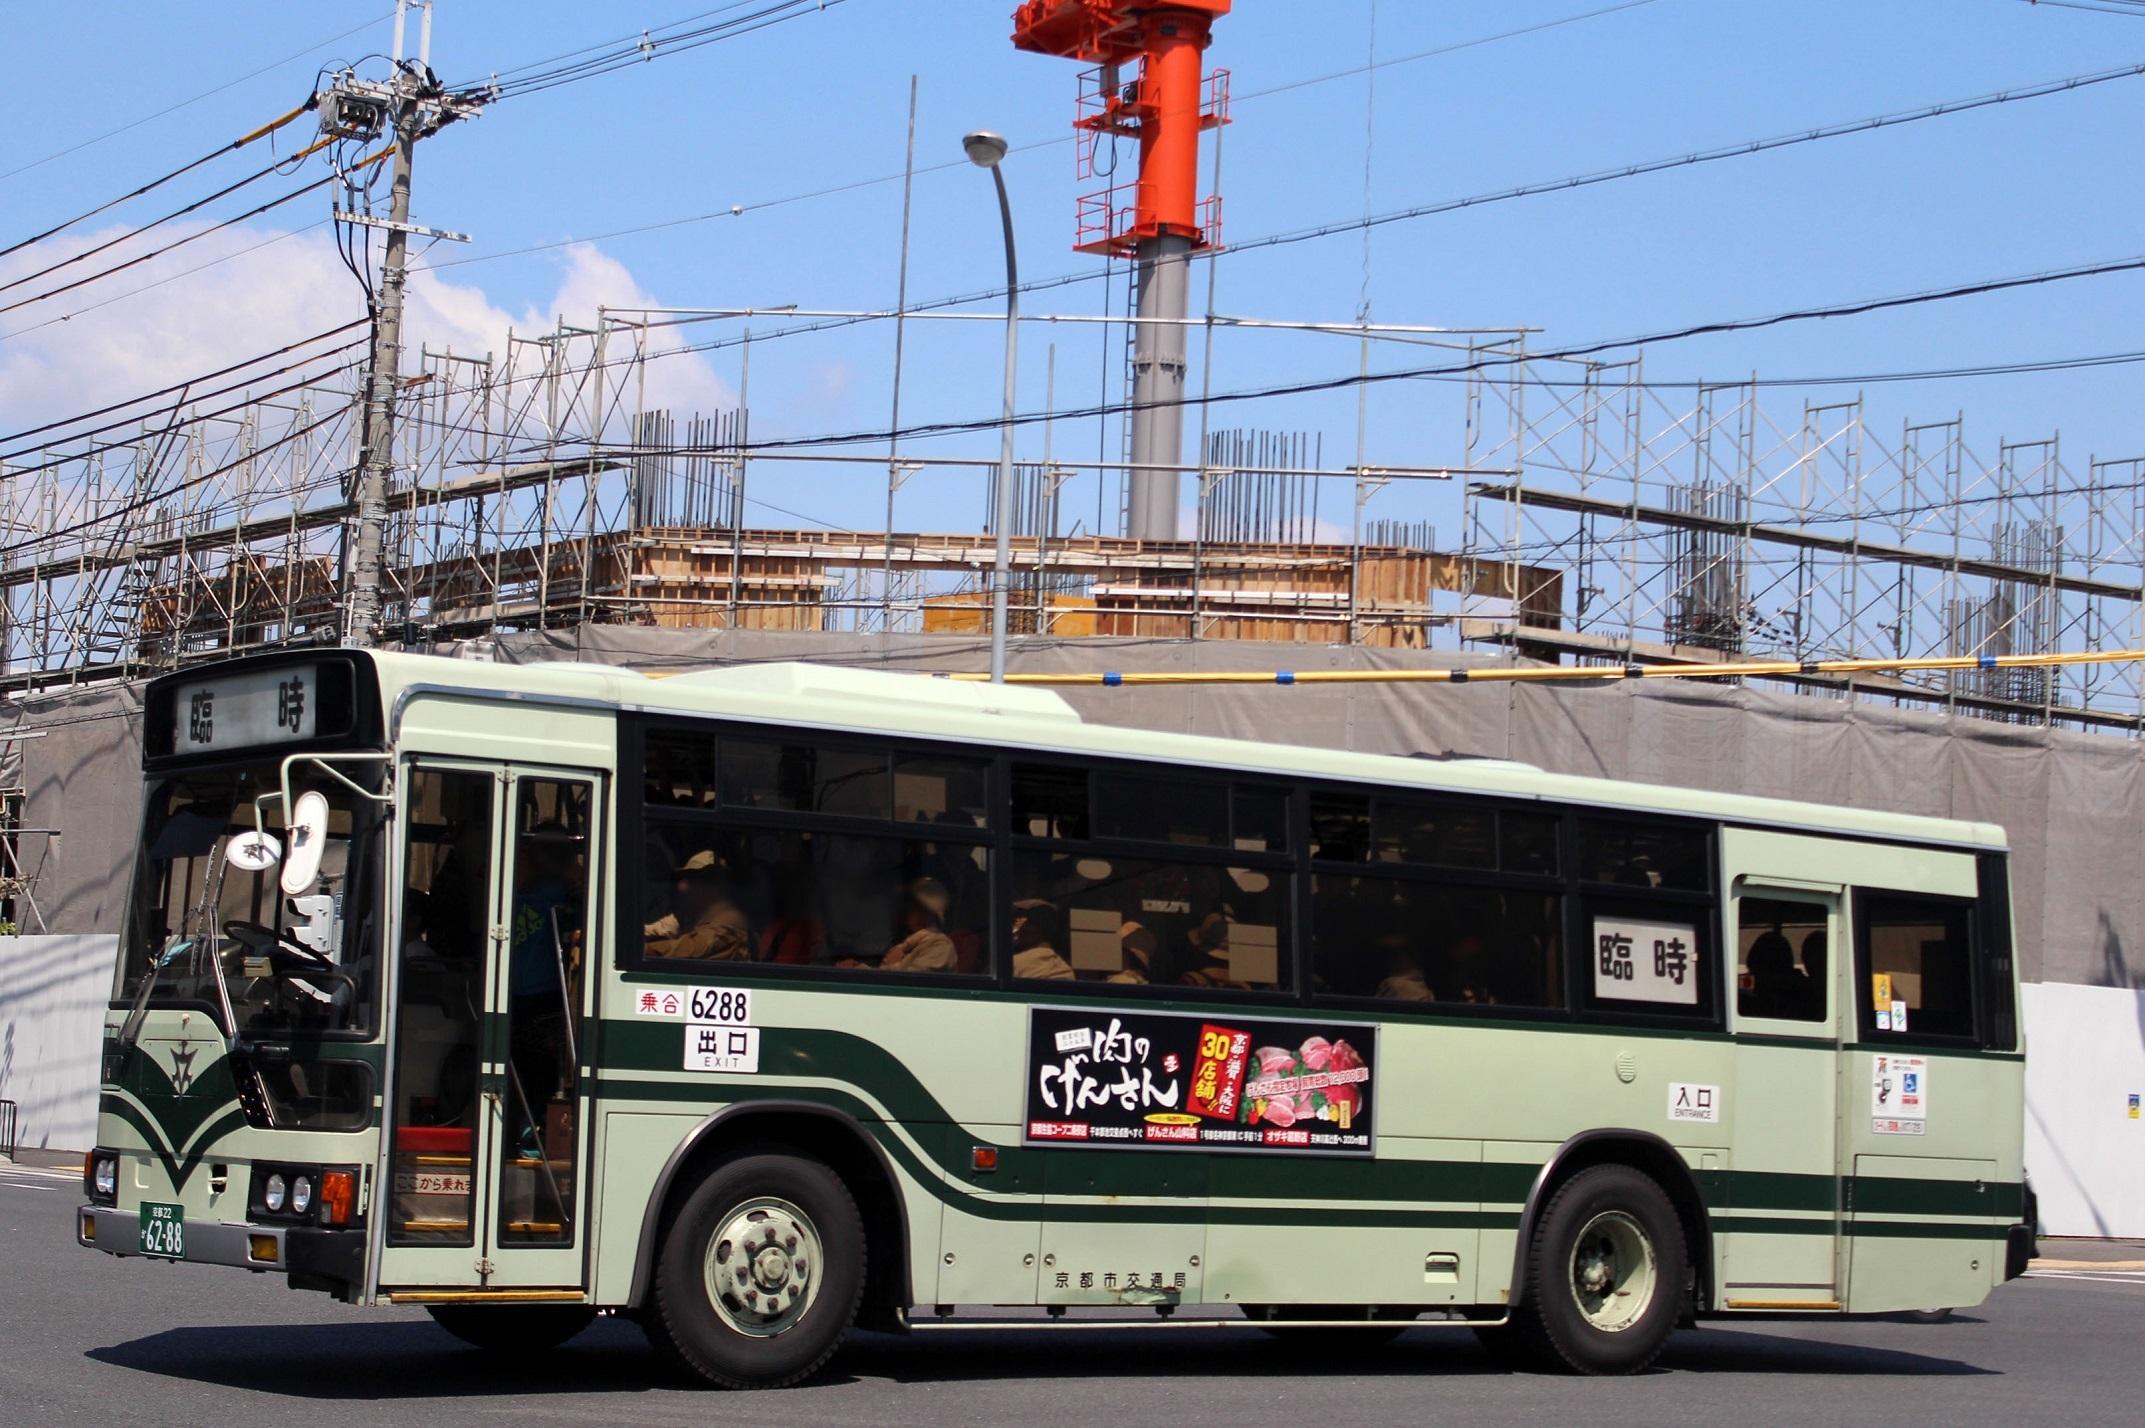 京都市交通局 か6288